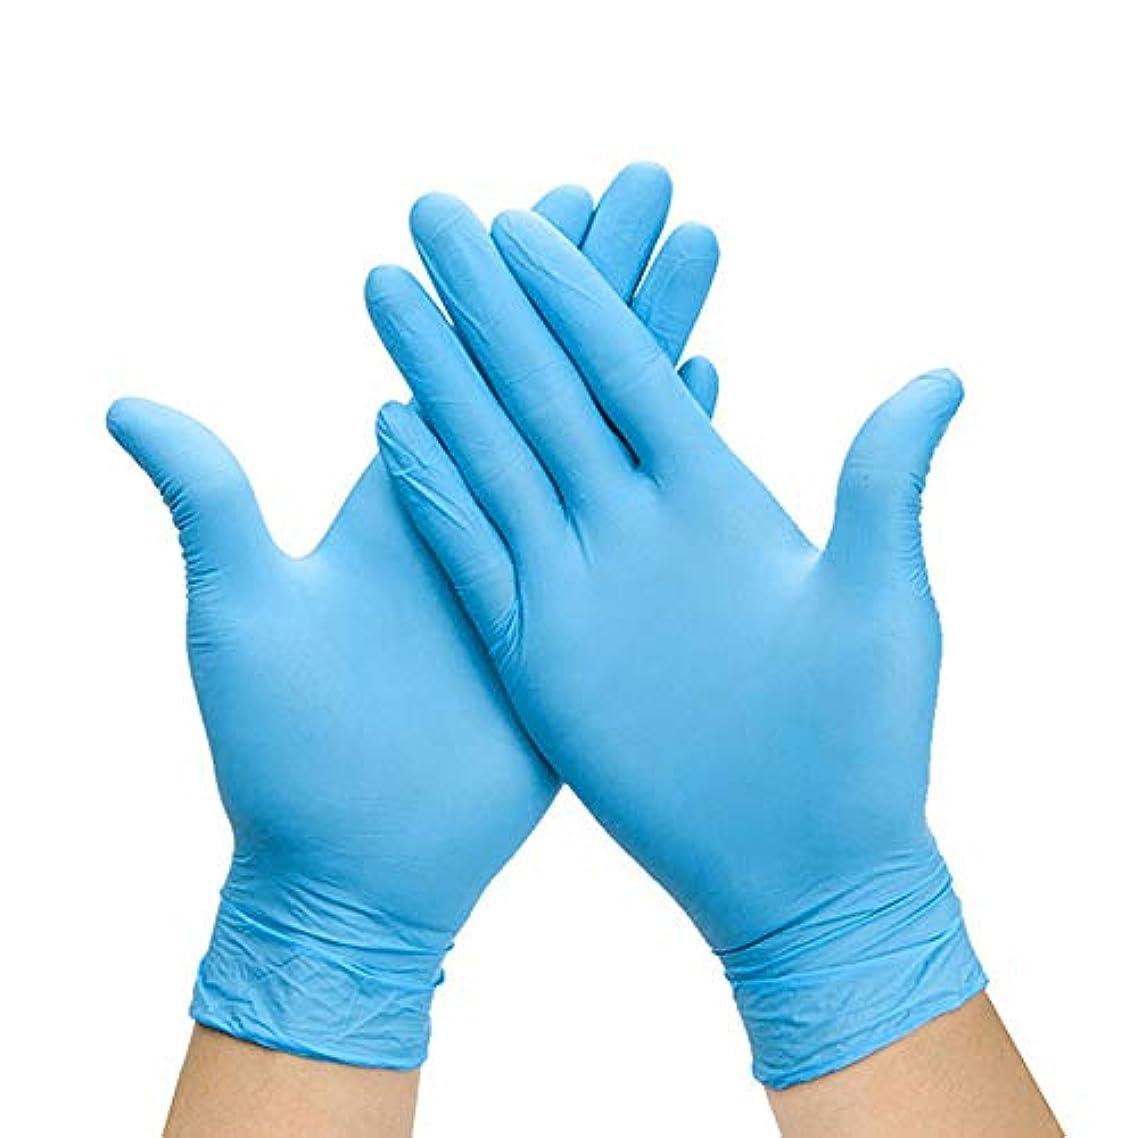 可決中世の器用Besline 使い捨て手袋 ゴム手袋滑り止め表面肥厚使い捨て手袋食品グレード手袋、ラテックスゴムフリー、100個